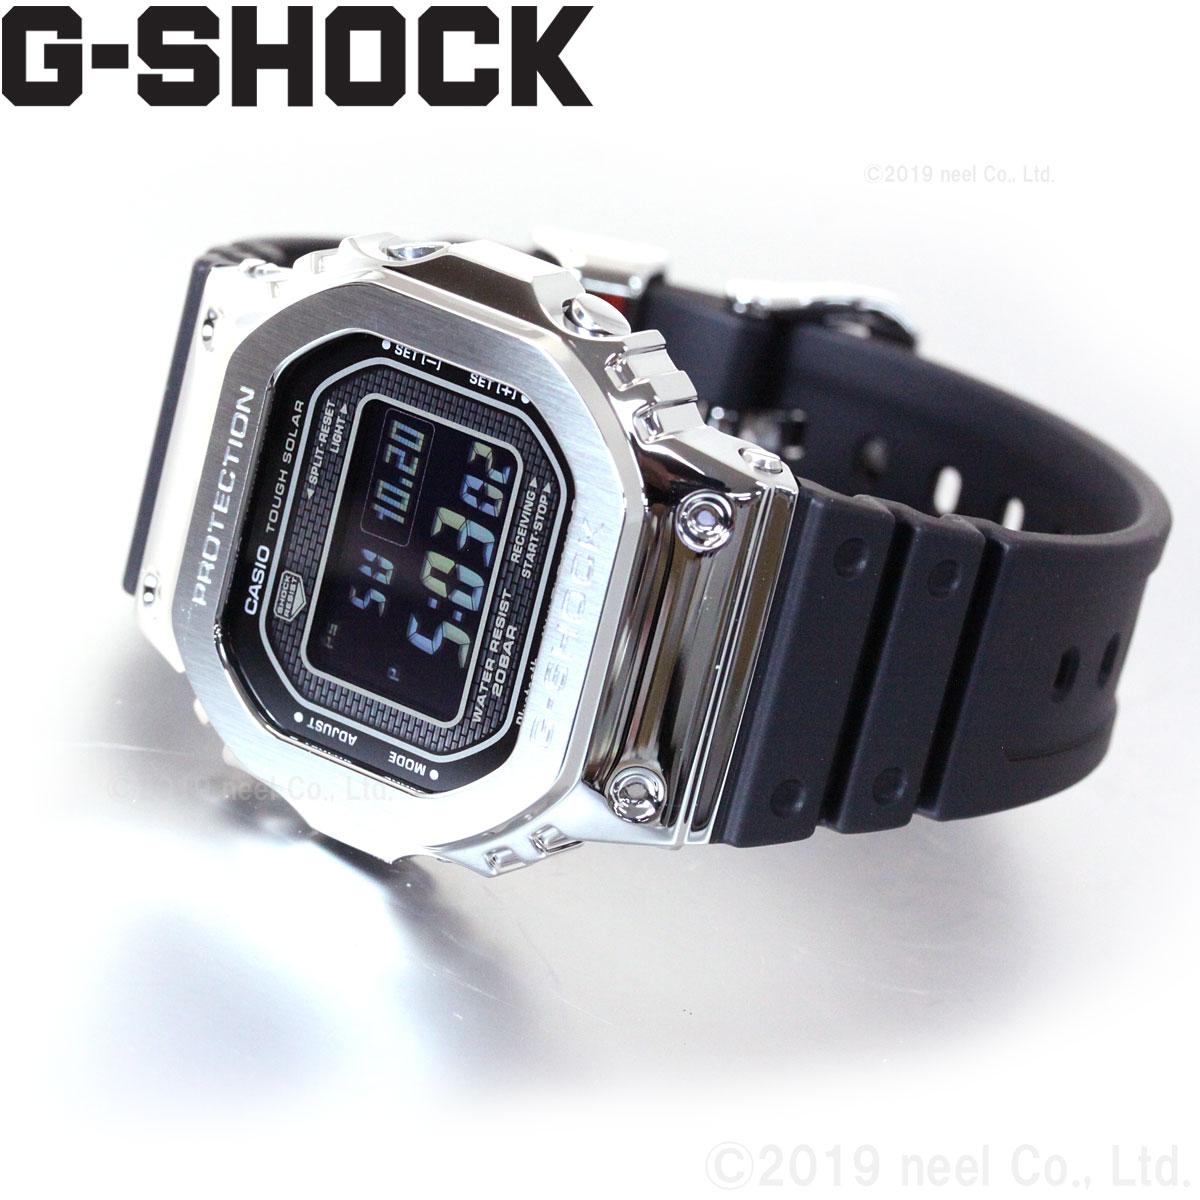 カシオ Gショック CASIO G-SHOCK タフソーラー 電波時計 デジタル 腕時計 メンズ GMW-B5000-1JF